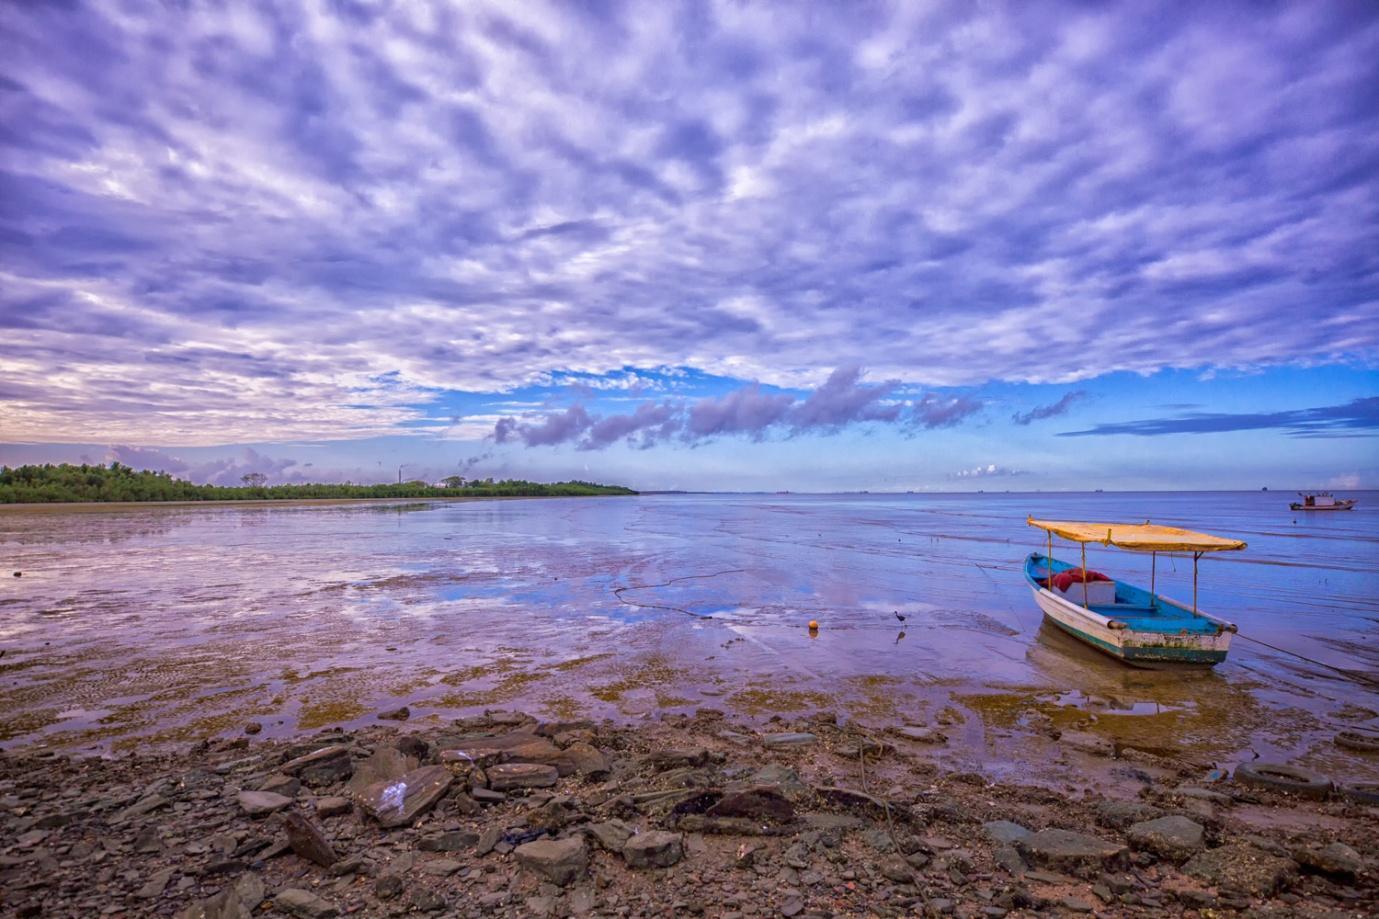 landscape photos tips